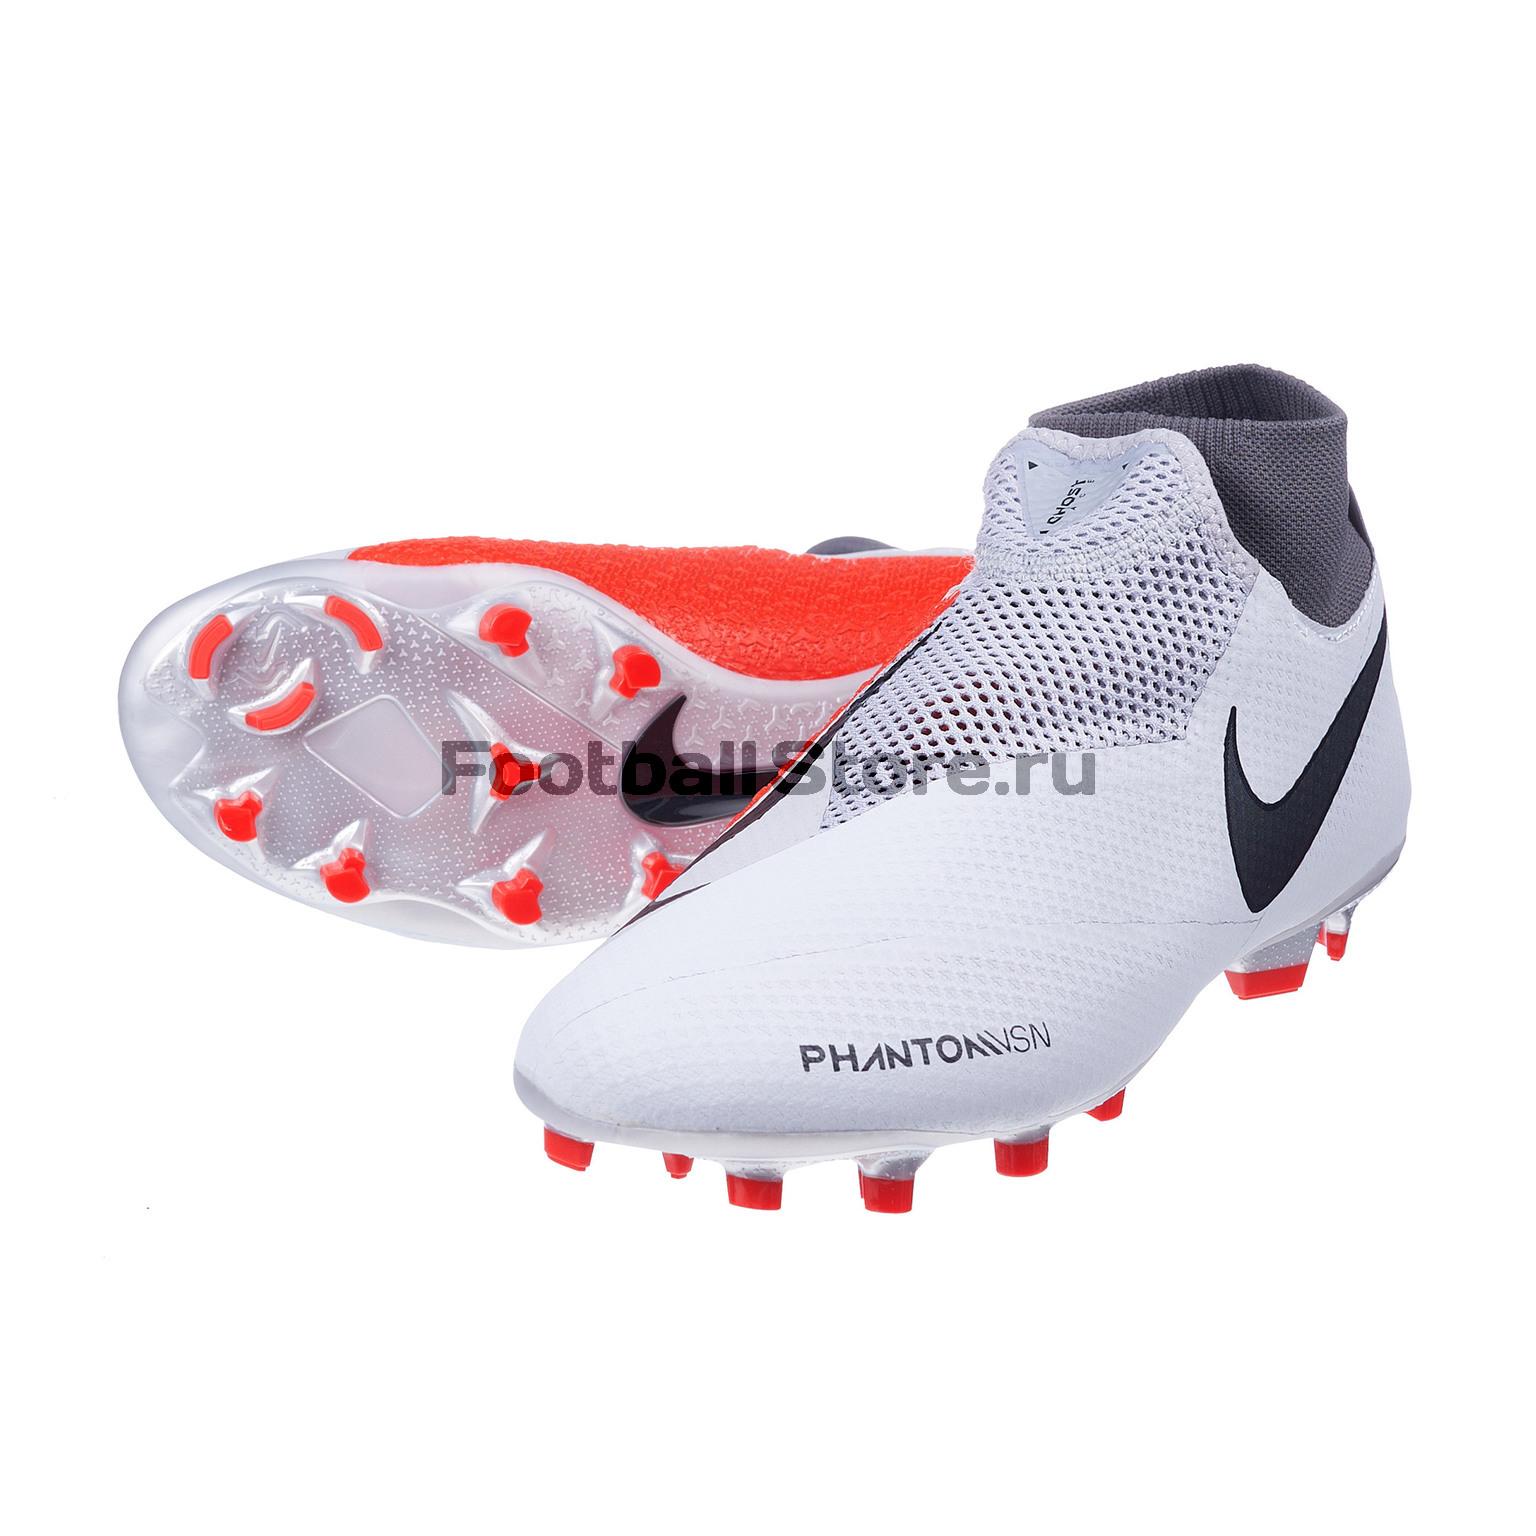 2776cf1e Бутсы Nike Phantom 3 Pro DF FG AO3266-060 – купить бутсы в интернет ...